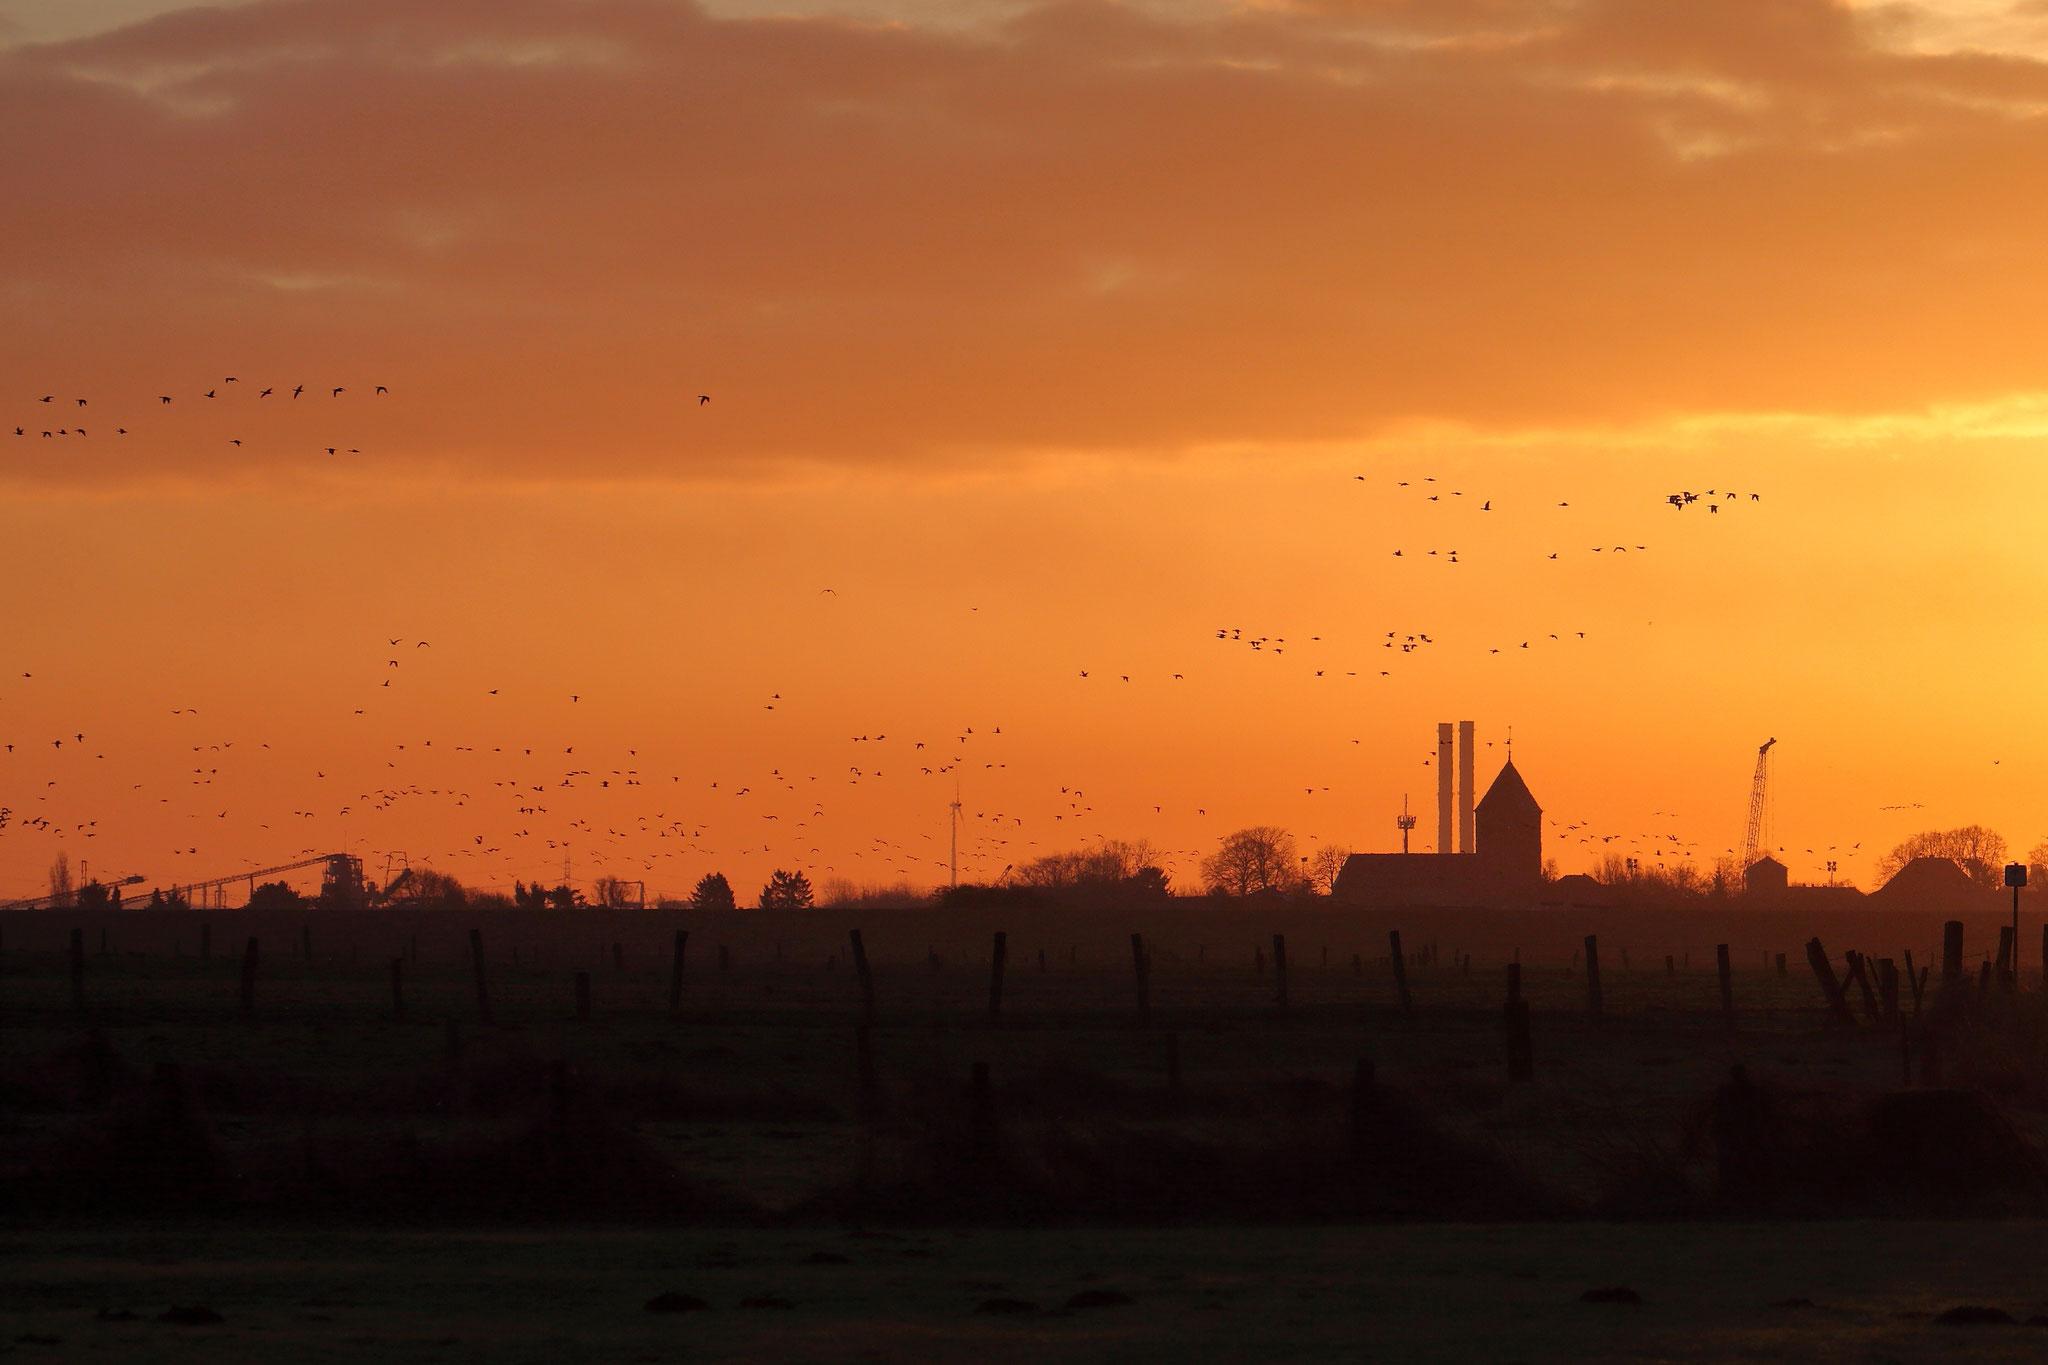 Wildgänse bei Sonnenaufgang